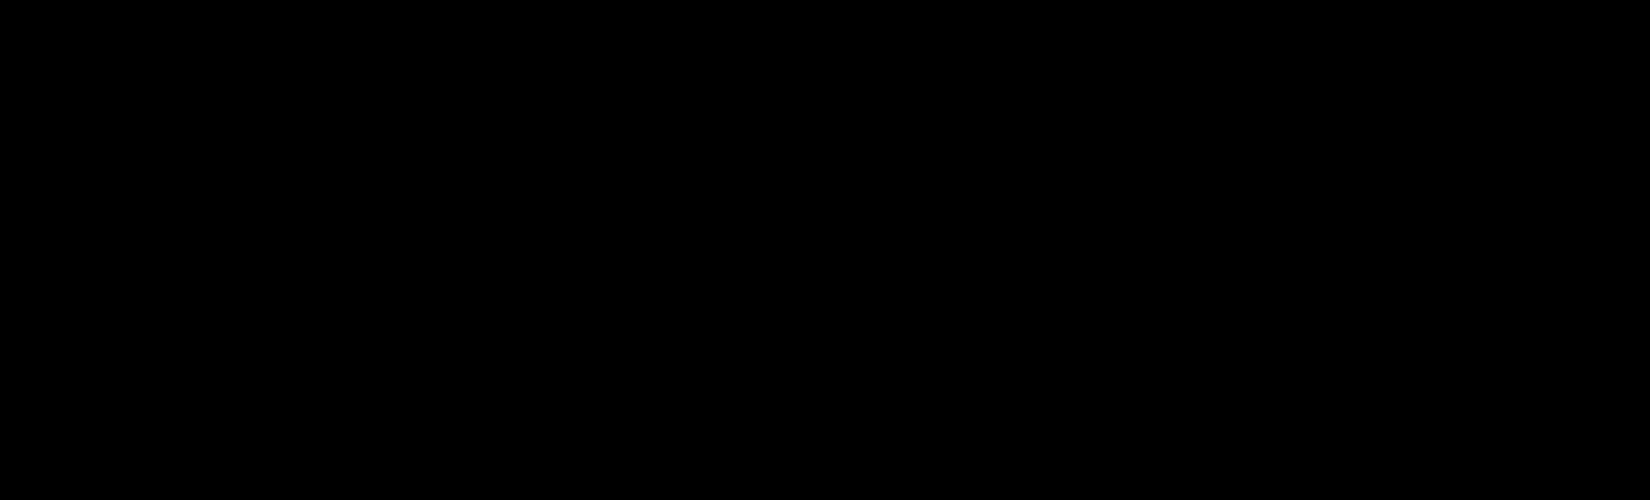 Vektreduksjonskurs